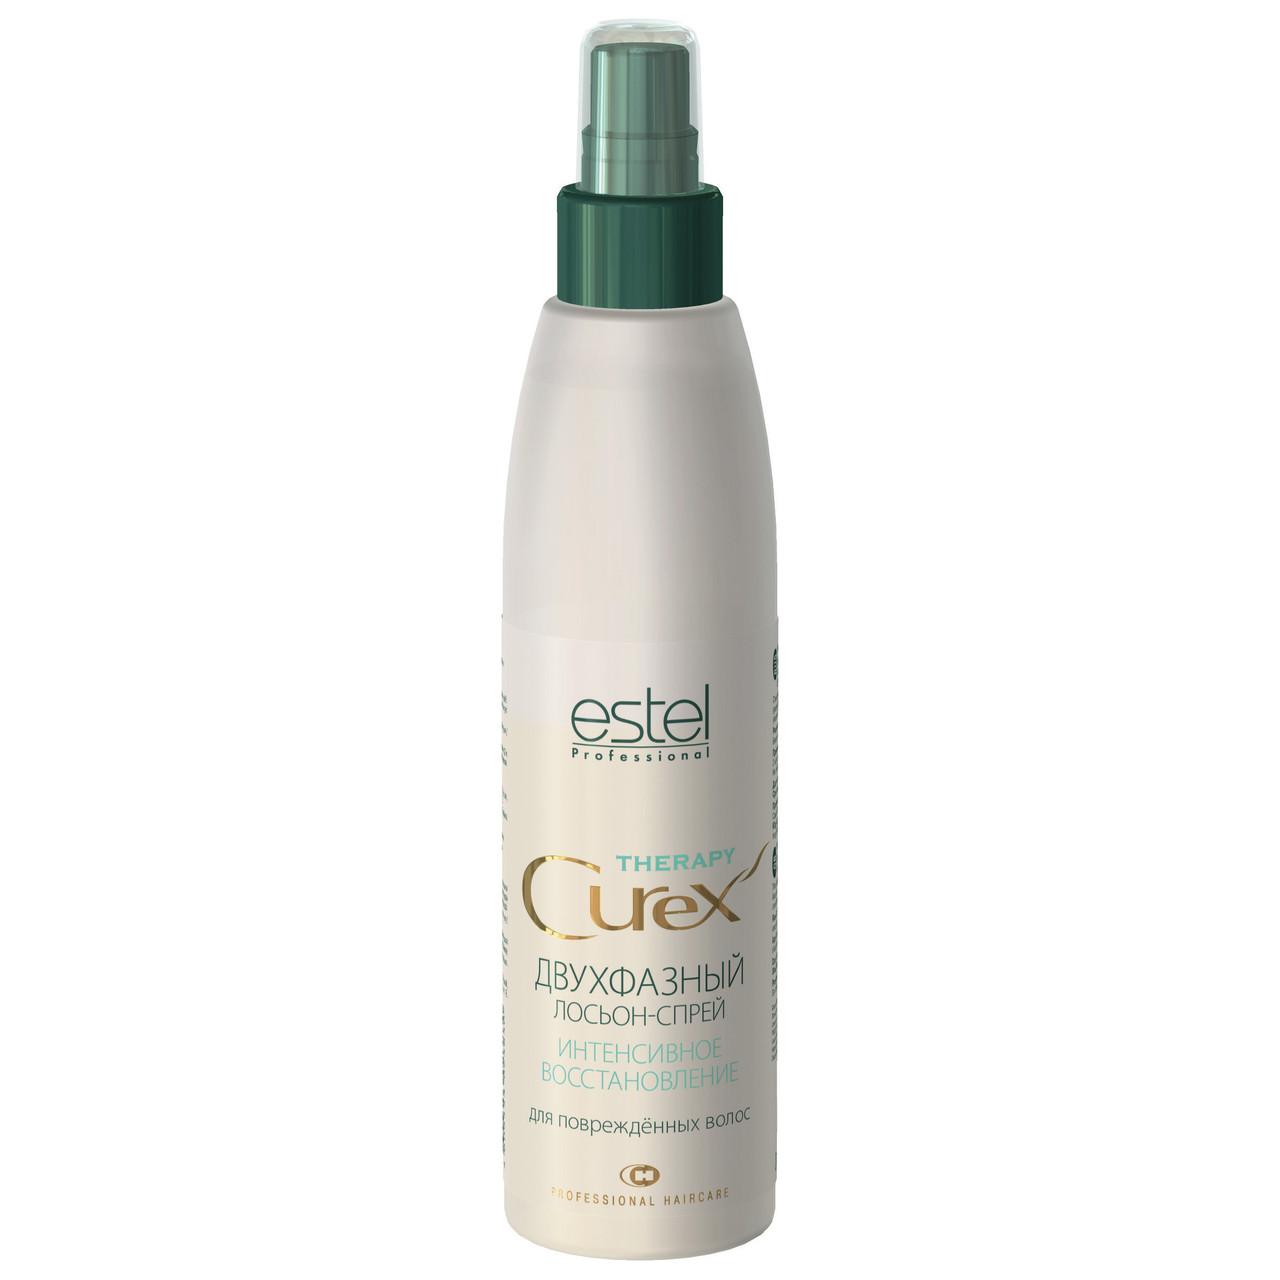 ESTEL CUREX THERAPY Двухфазний лосьон-спрей для відновлення волосся, 200 мл